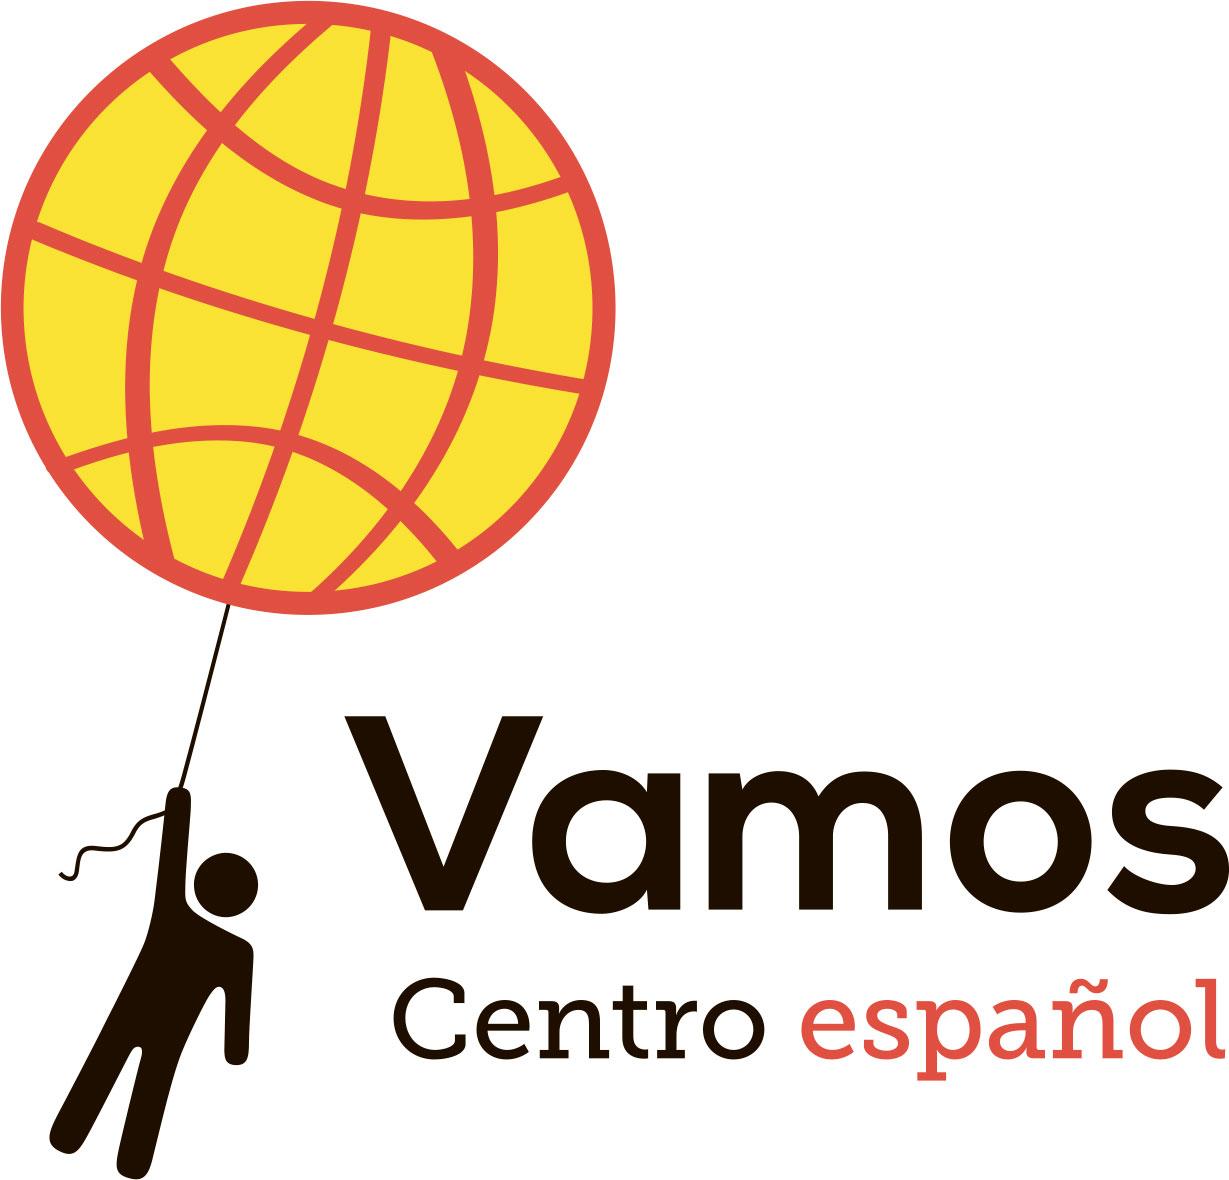 Centro Español Vamos